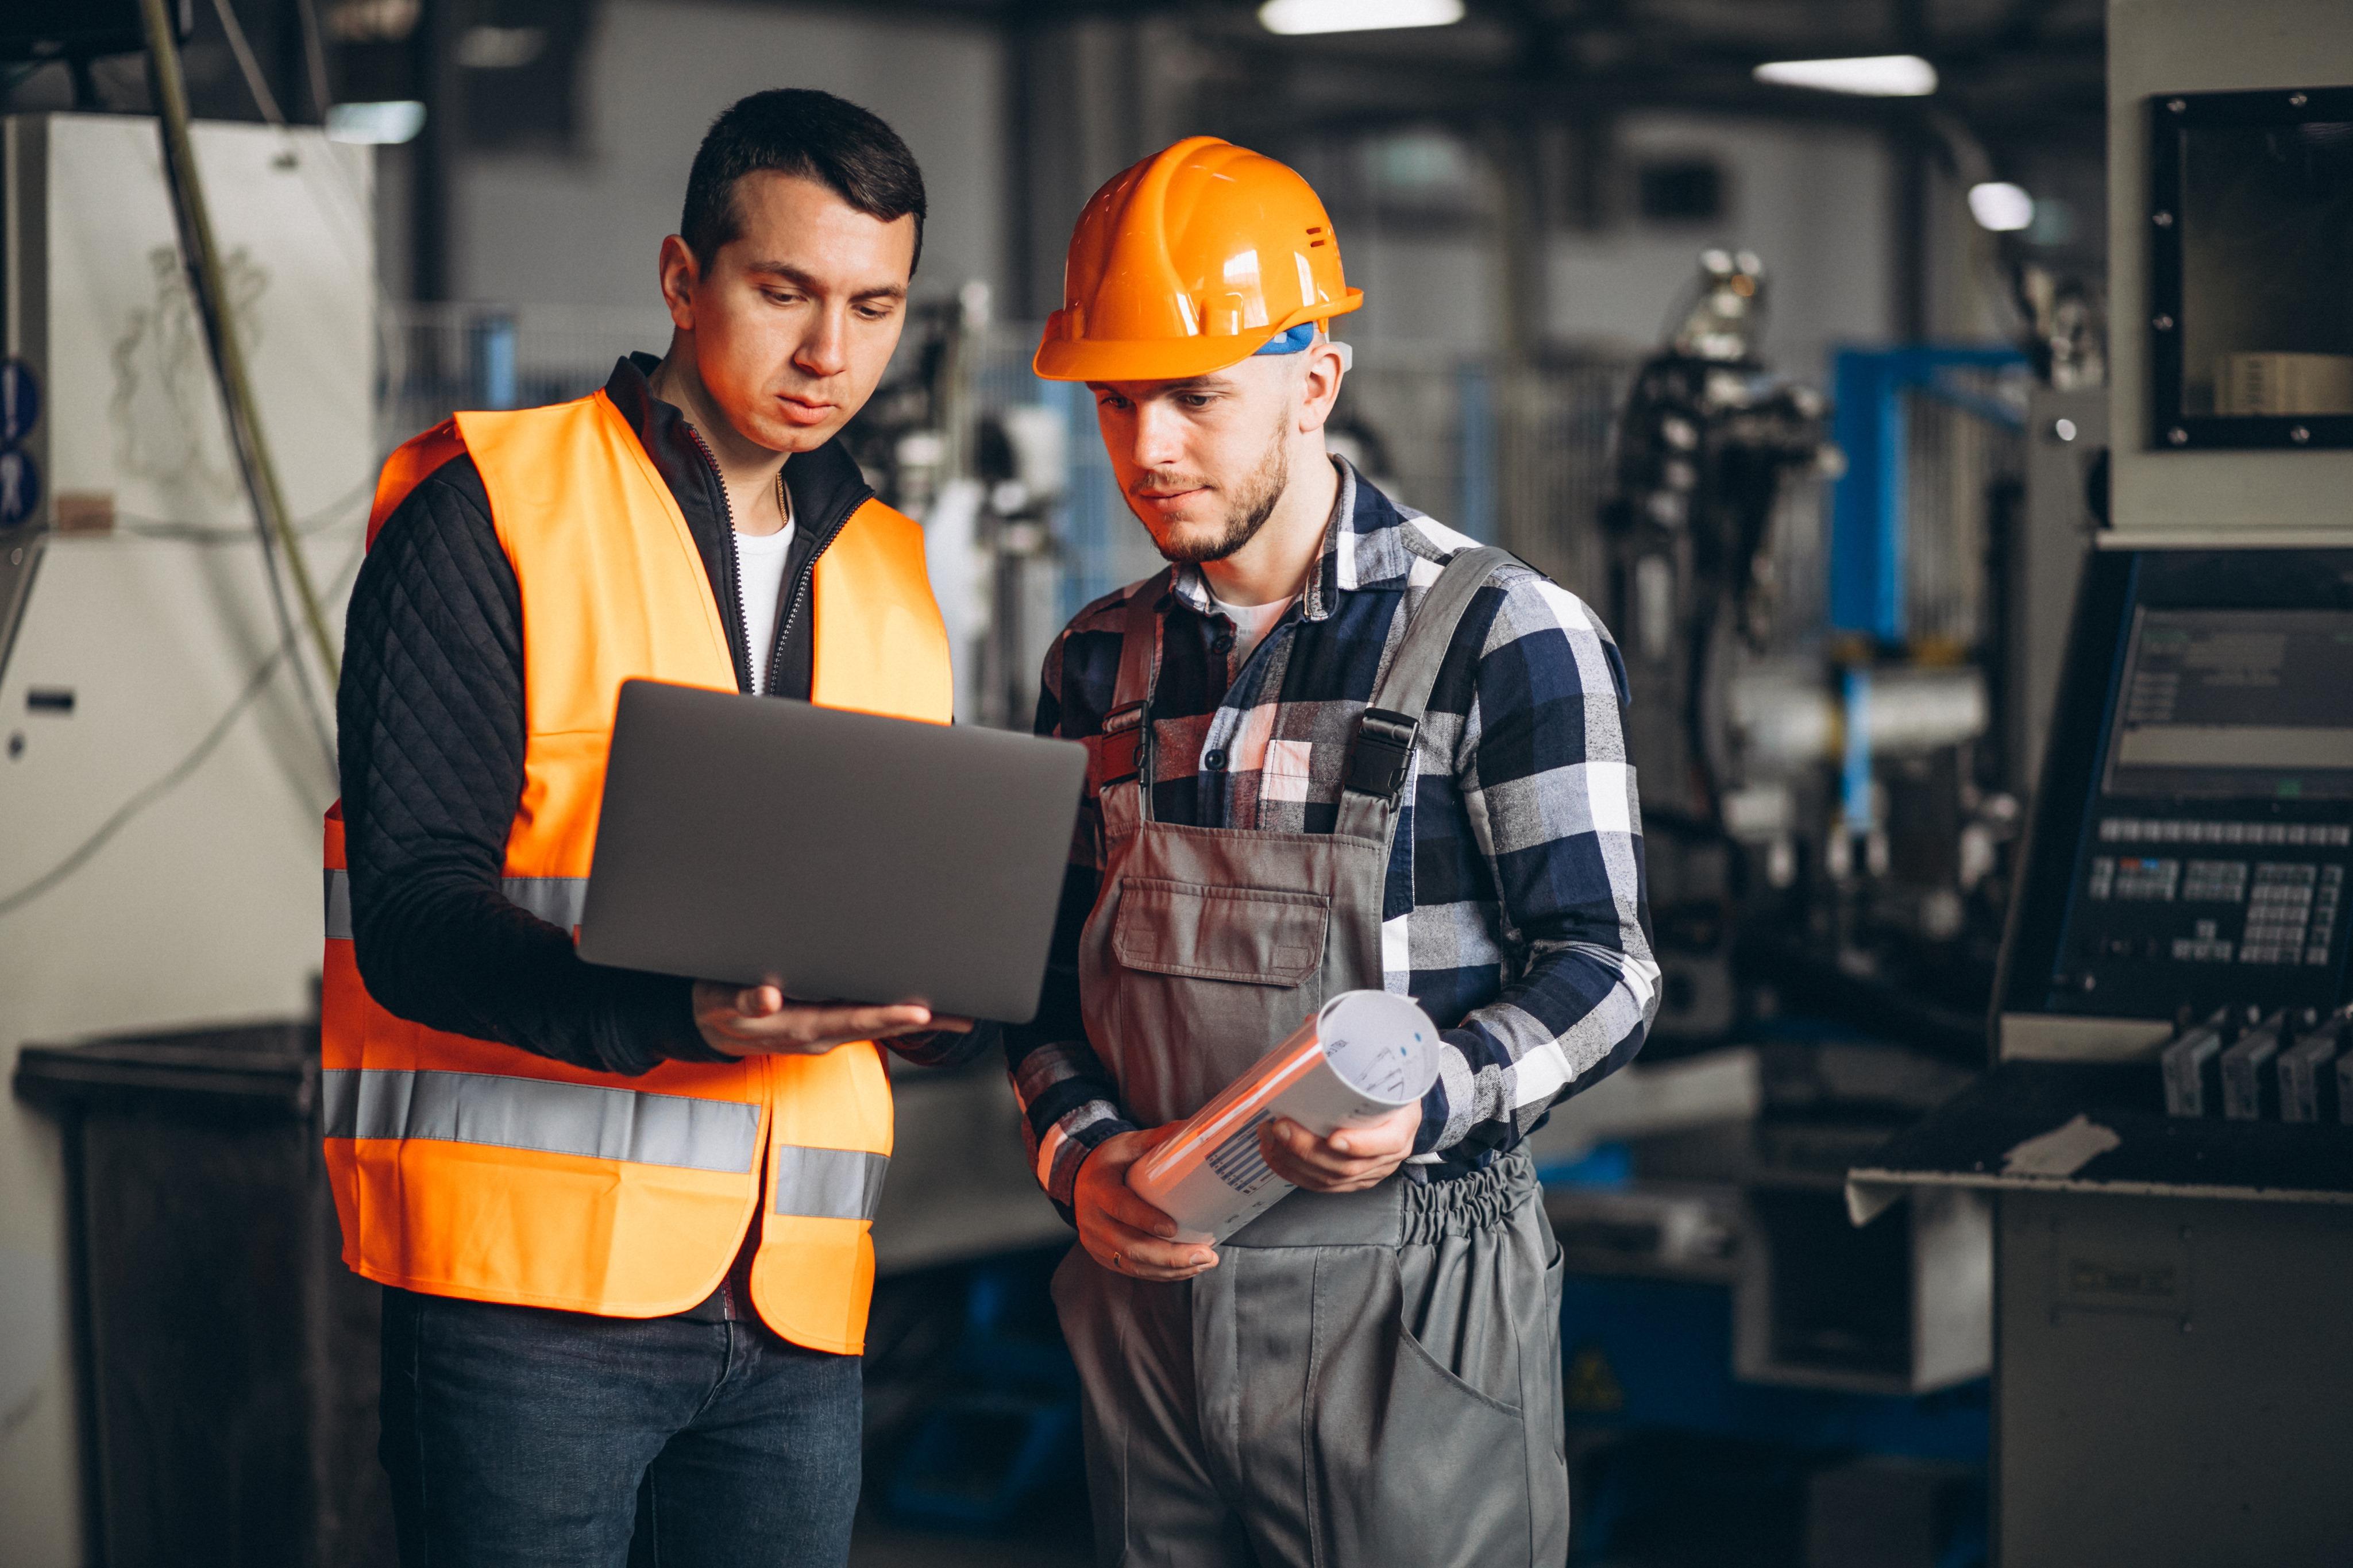 desenvolvimento de pessoas na industria 4.0